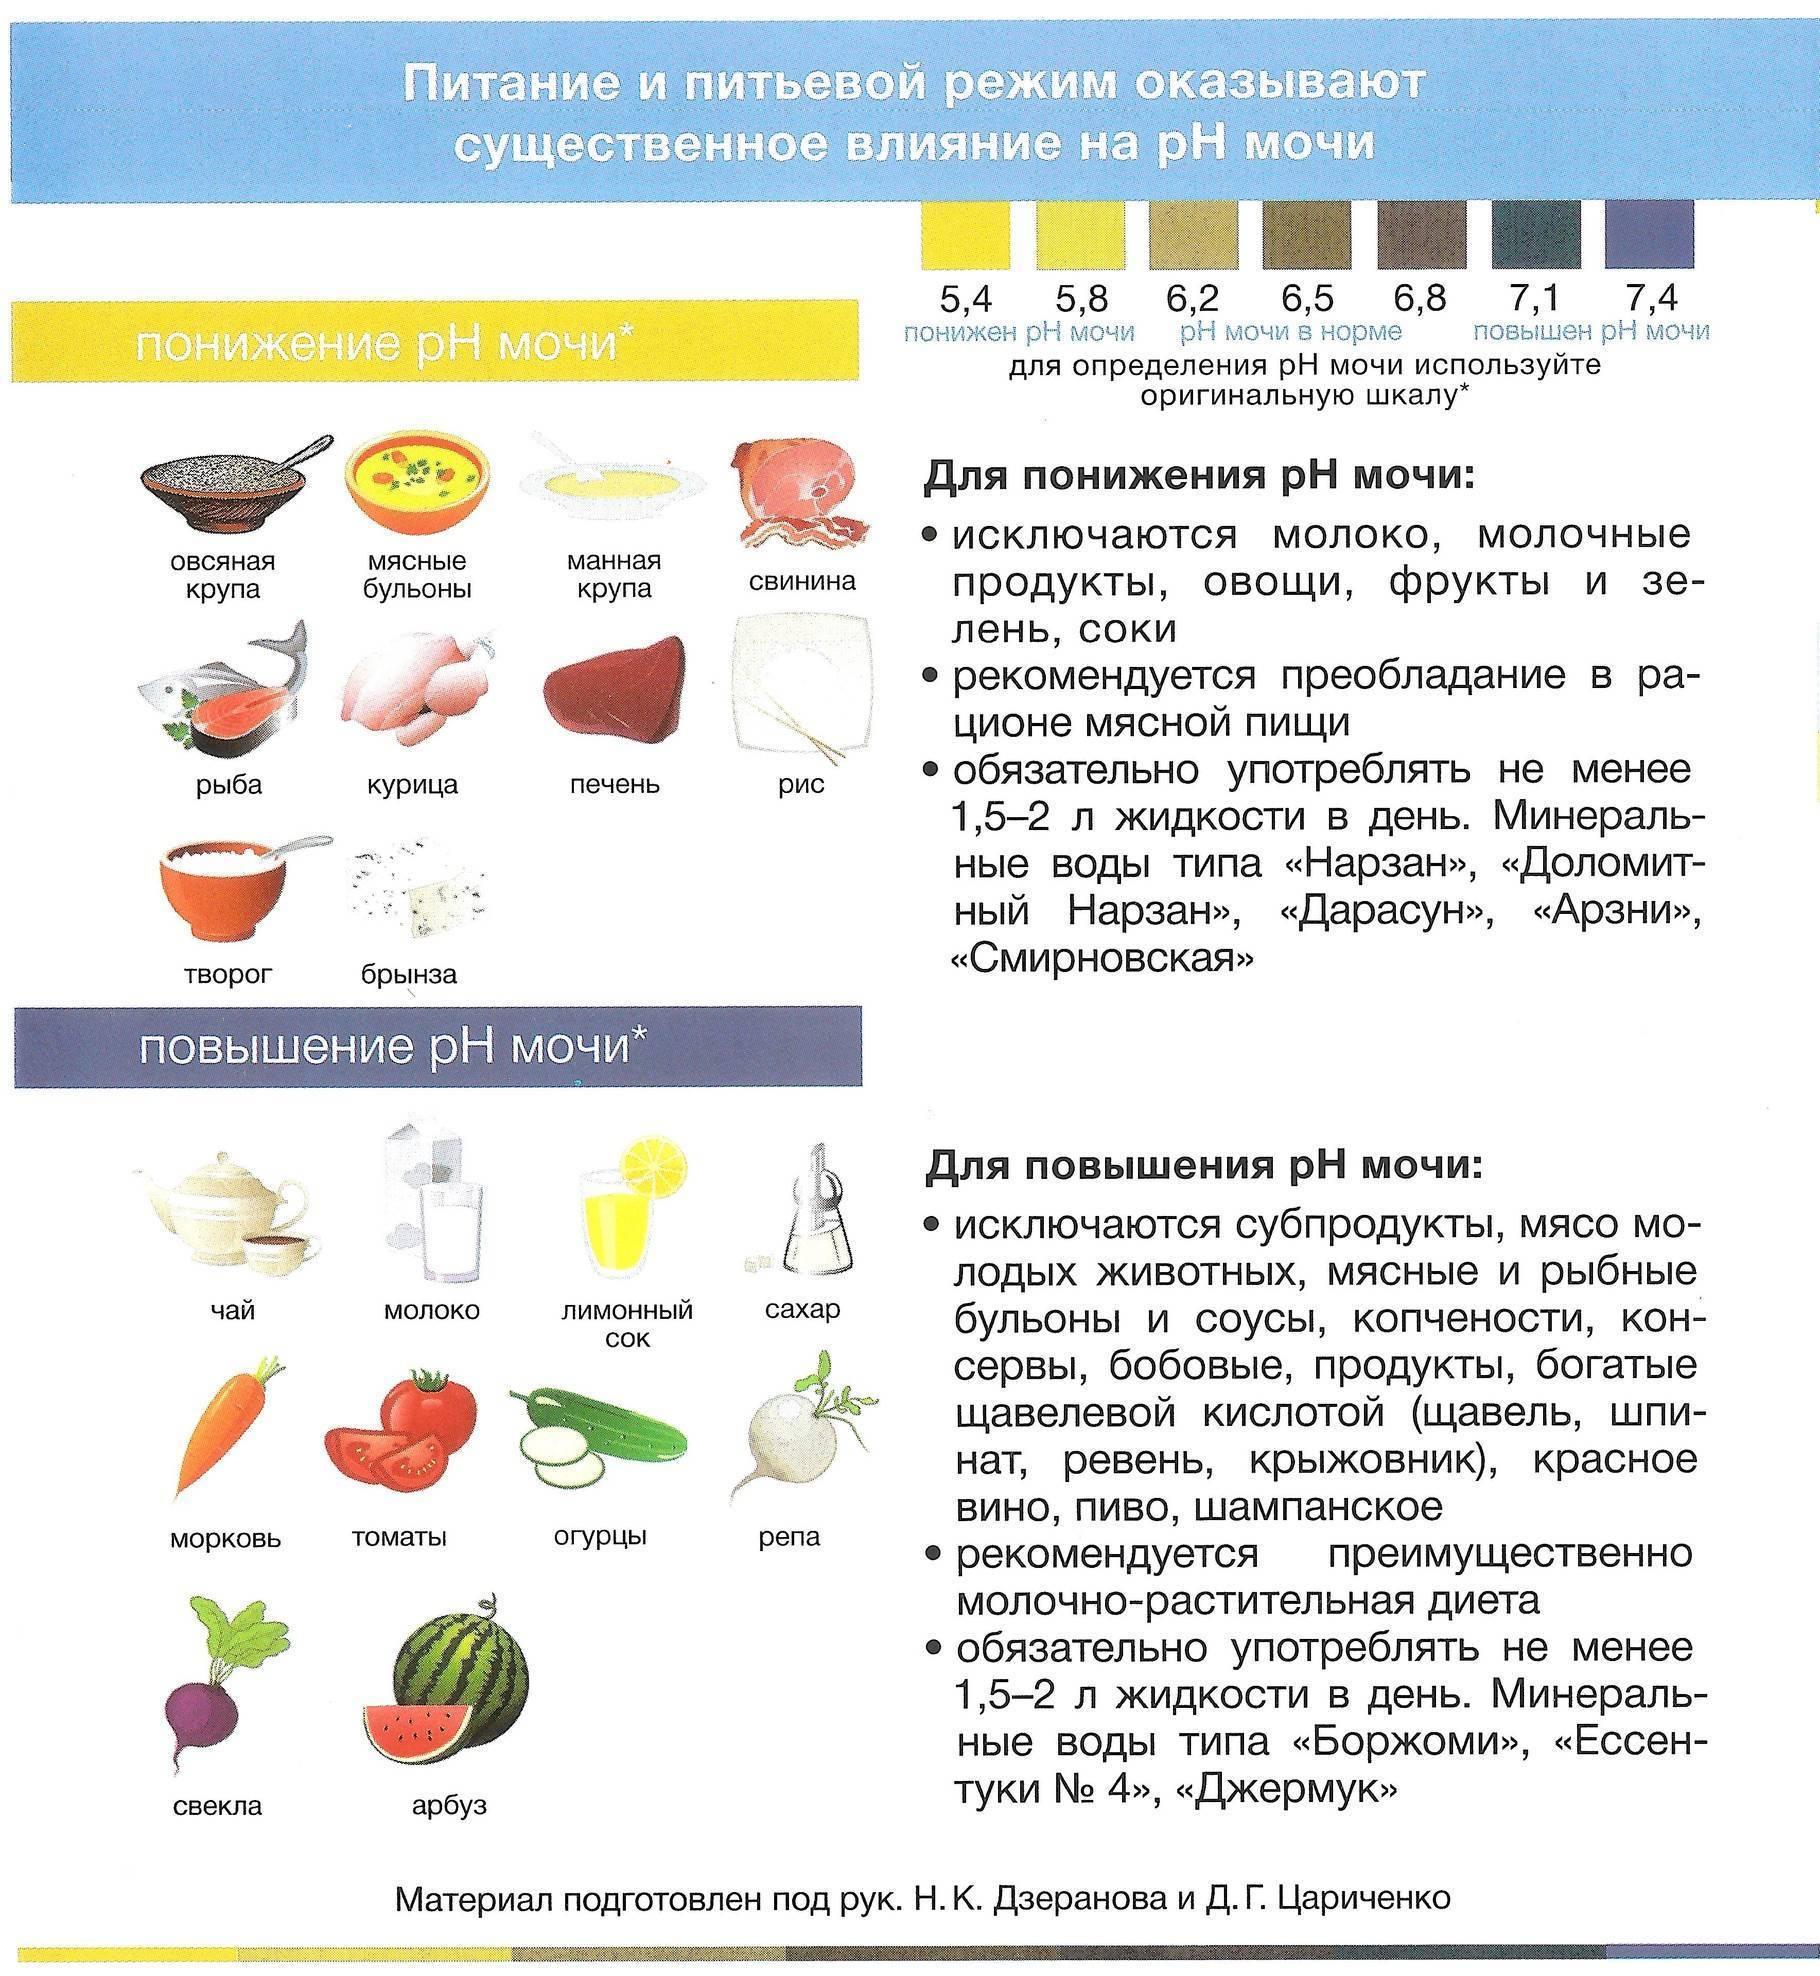 Оксалаты в моче – что это значит? в моче соли оксалат аммония, оксалат кальция